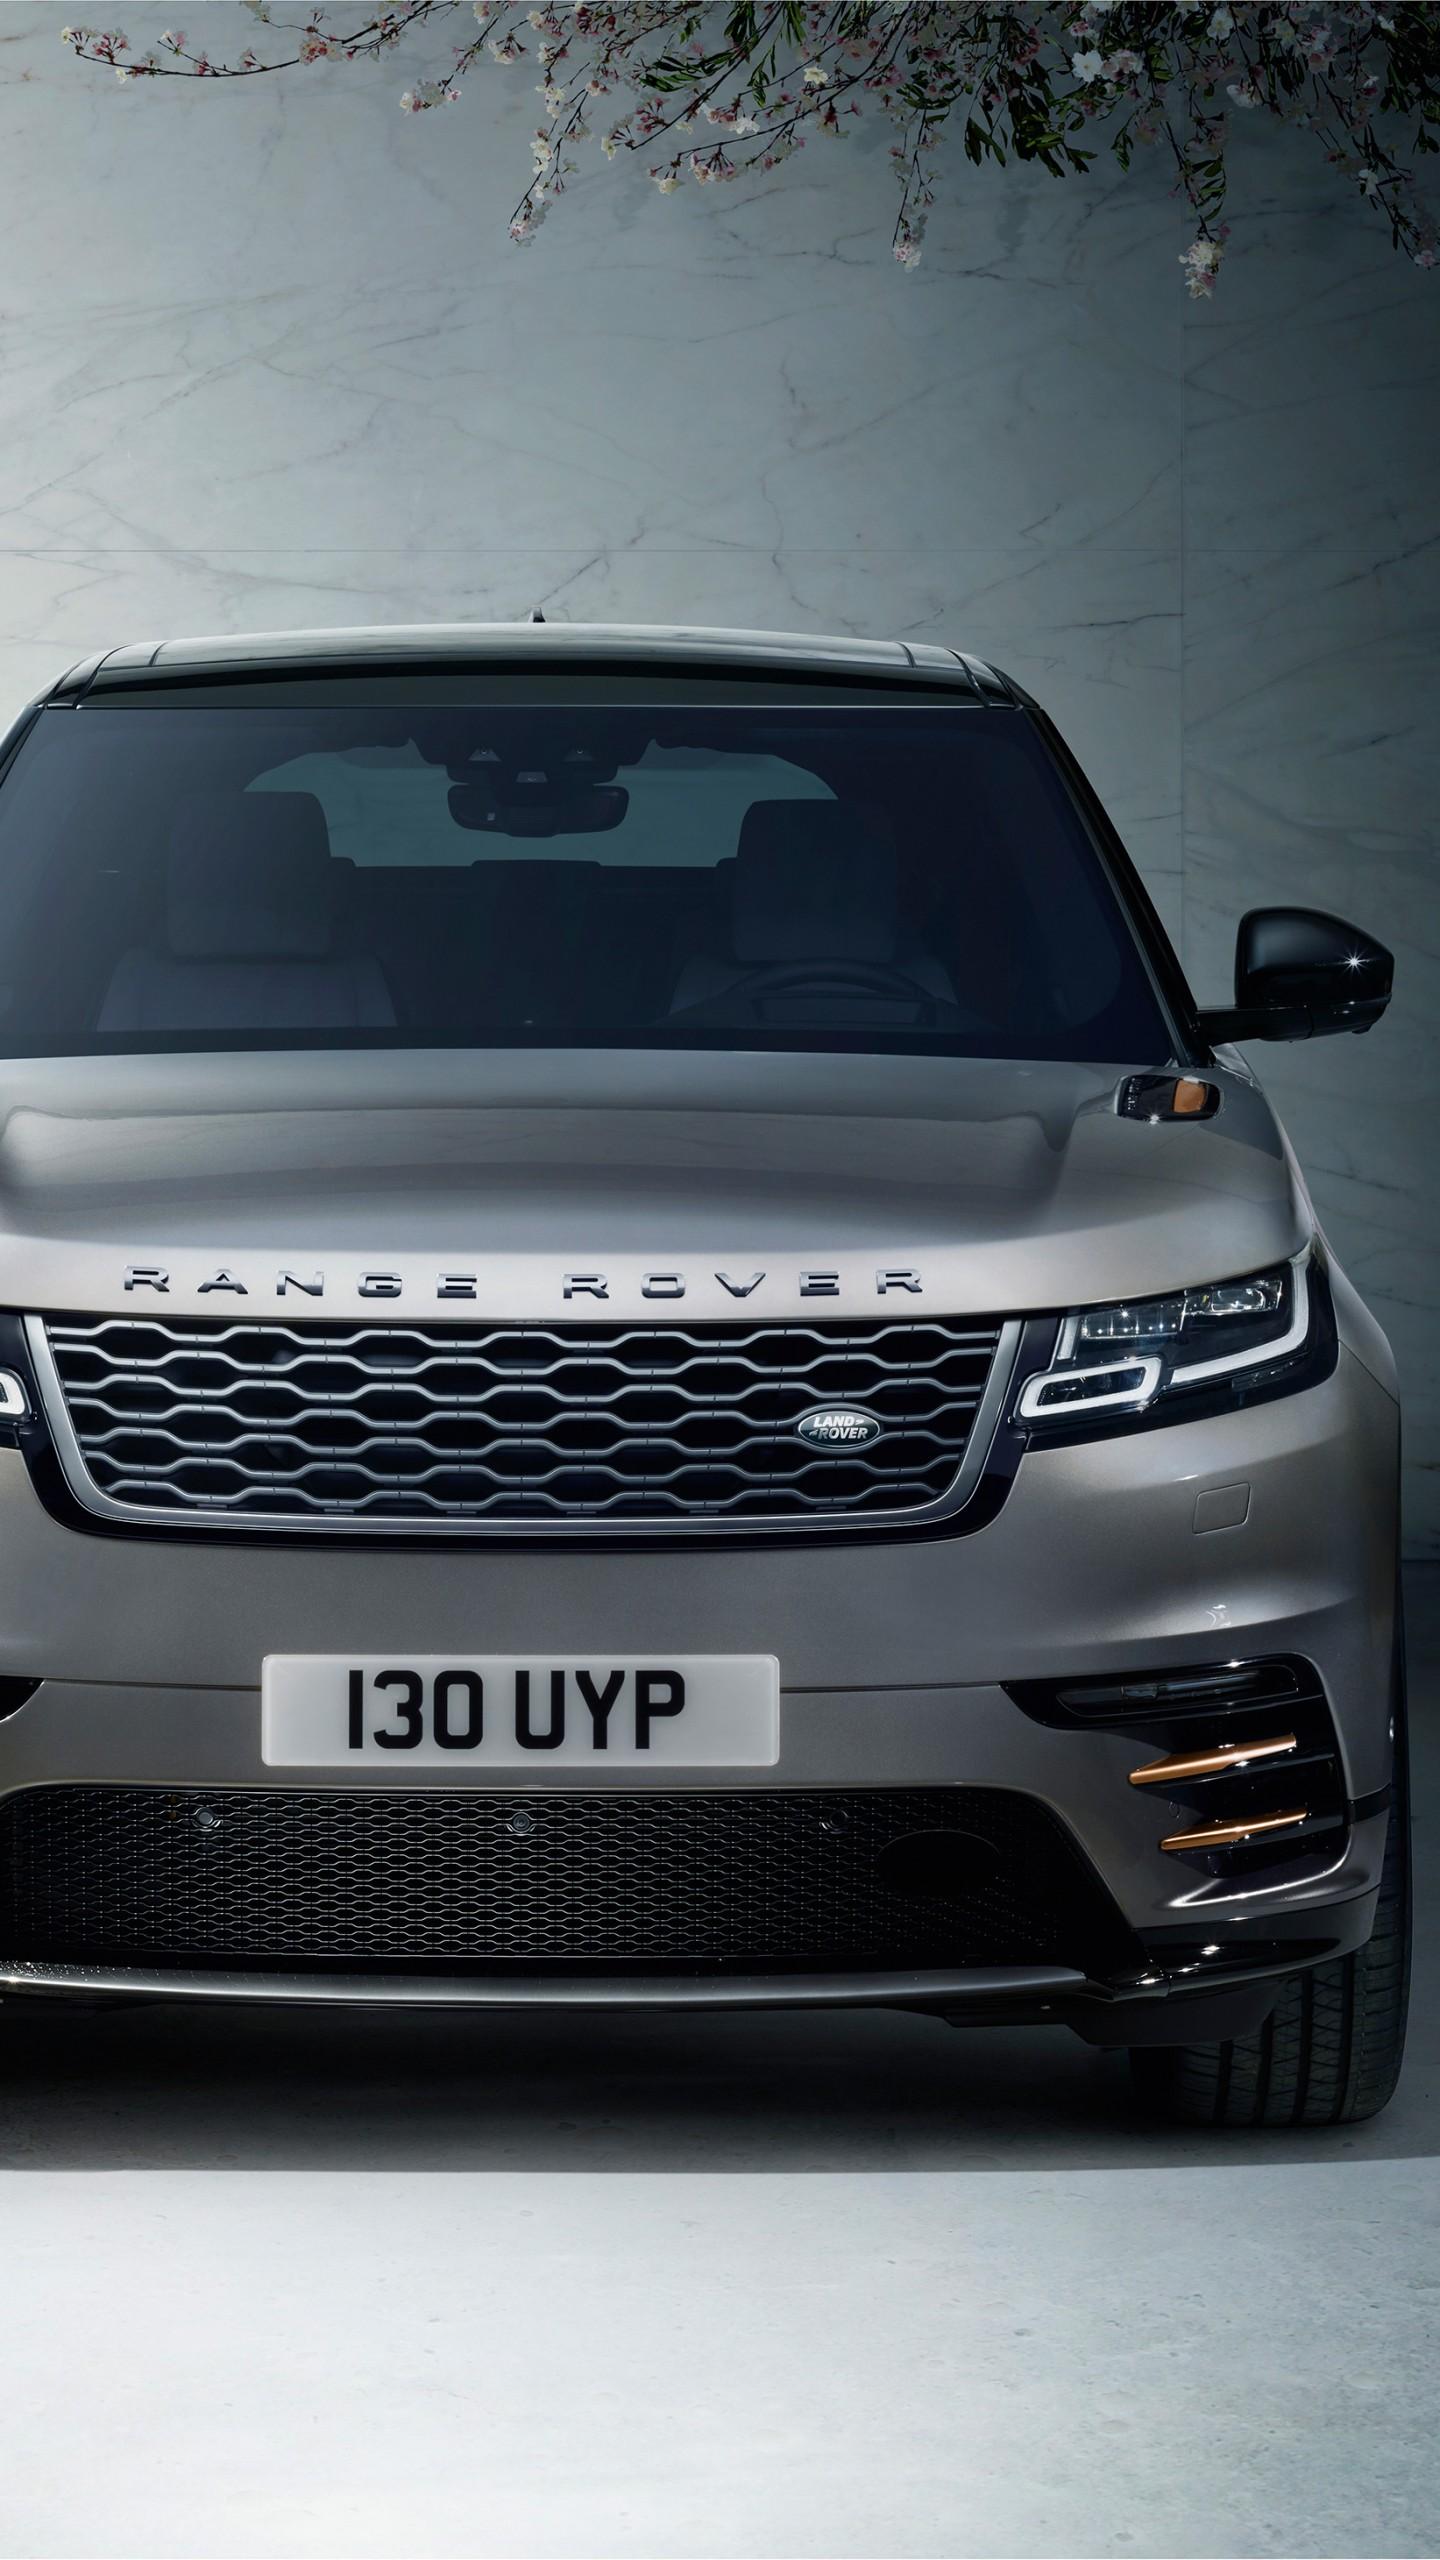 Range Rover Velar Hybrid 1440x2560 Wallpaper Teahub Io